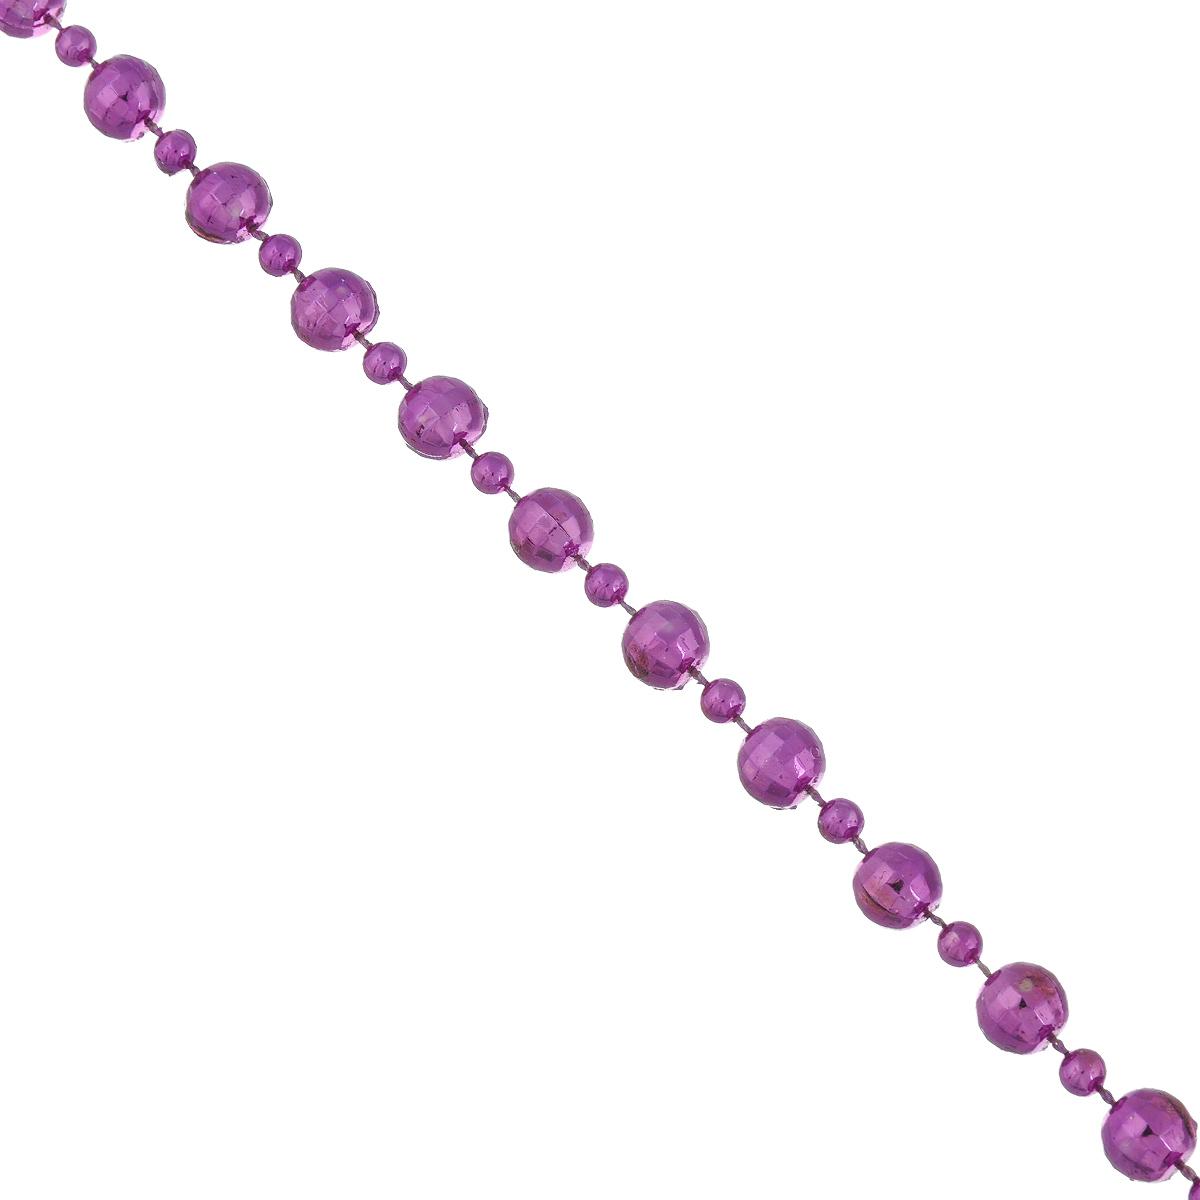 Новогодняя гирлянда Lunten Ranta Диско, цвет: фиолетовый, длина 2 м67Новогодняя гирлянда Lunten Ranta Диско отлично подойдет для декорации вашего дома и новогодней ели. Изделие, выполненное из пластика, представляет собой гирлянду, на текстильной нити, на которой нанизаны круглые бусины разных размеров. Новогодние украшения несут в себе волшебство и красоту праздника. Они помогут вам украсить дом к предстоящим праздникам и оживить интерьер по вашему вкусу. Создайте в доме атмосферу тепла, веселья и радости, украшая его всей семьей. Диаметр бусин: 1 см; 0,4 см.